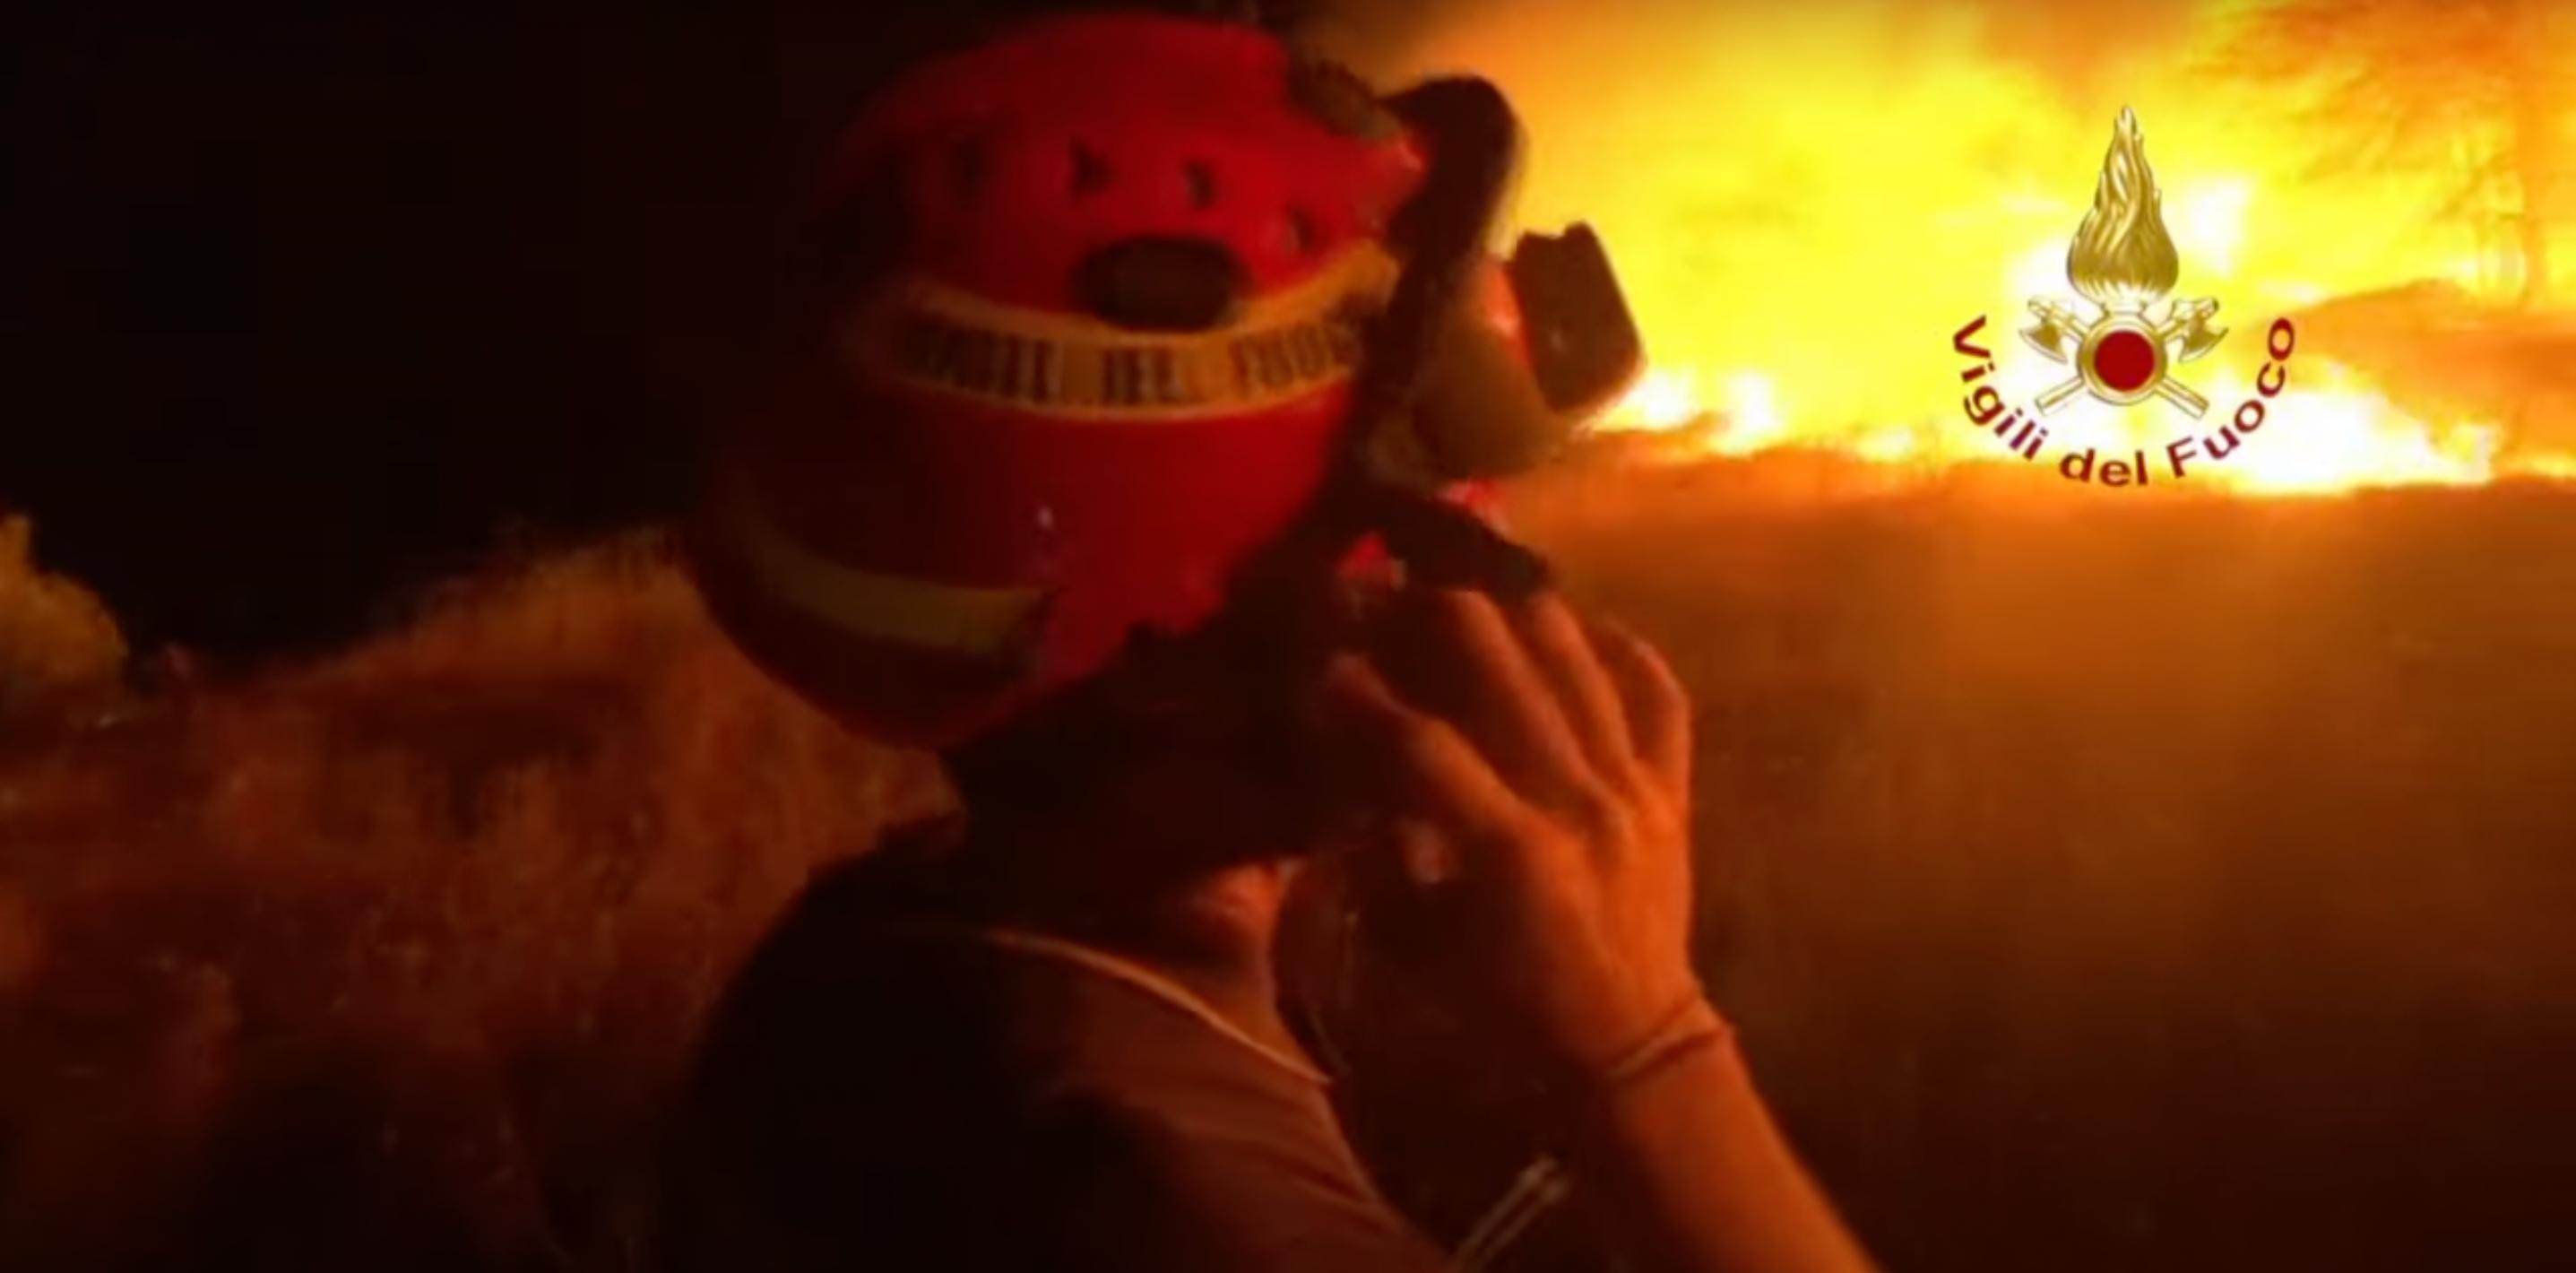 L'Europe du sud et le pourtour méditerranéen en proie à des feux violents